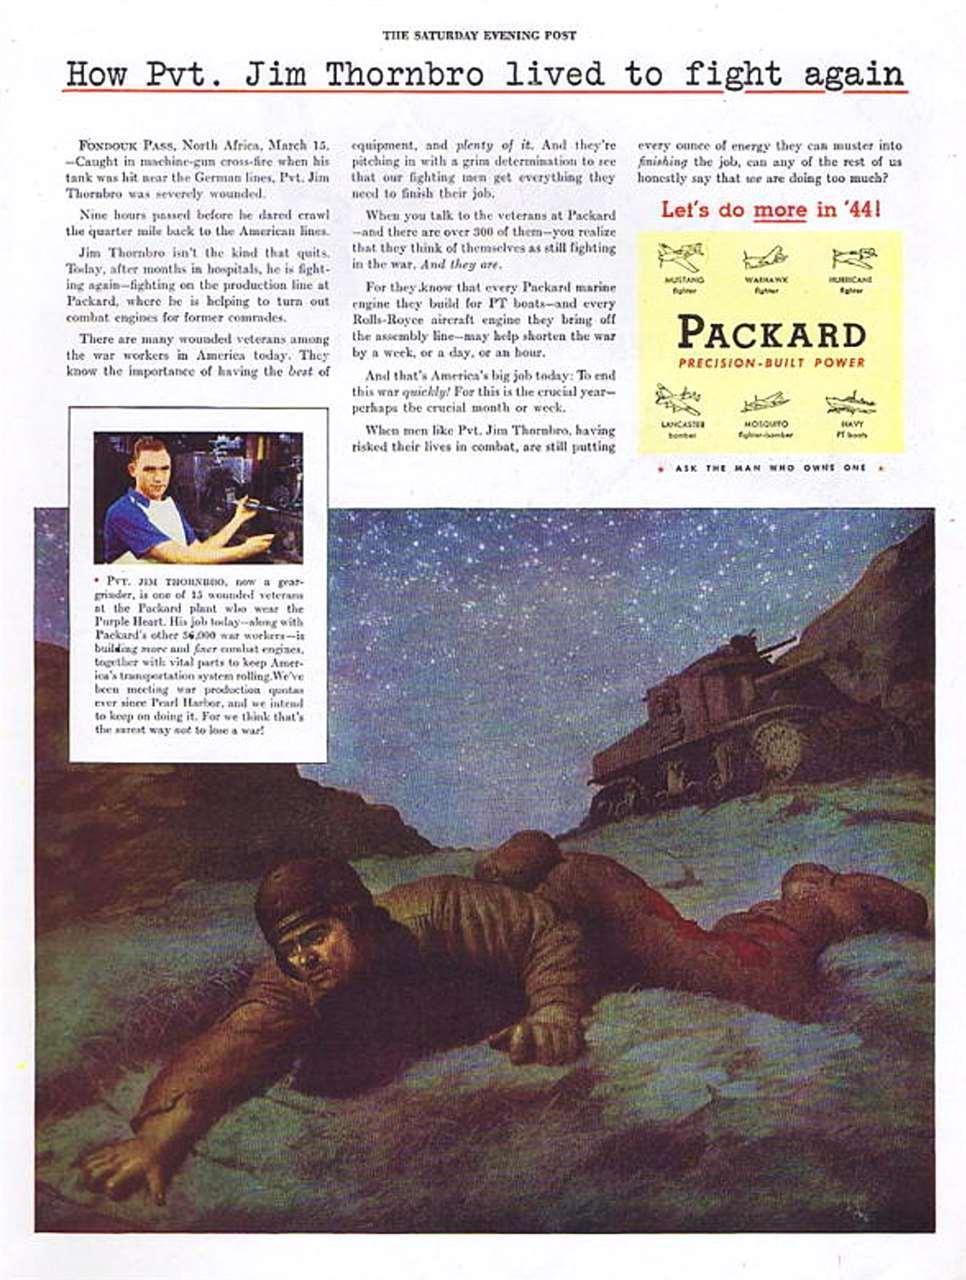 1944 PACKARD ADVERT